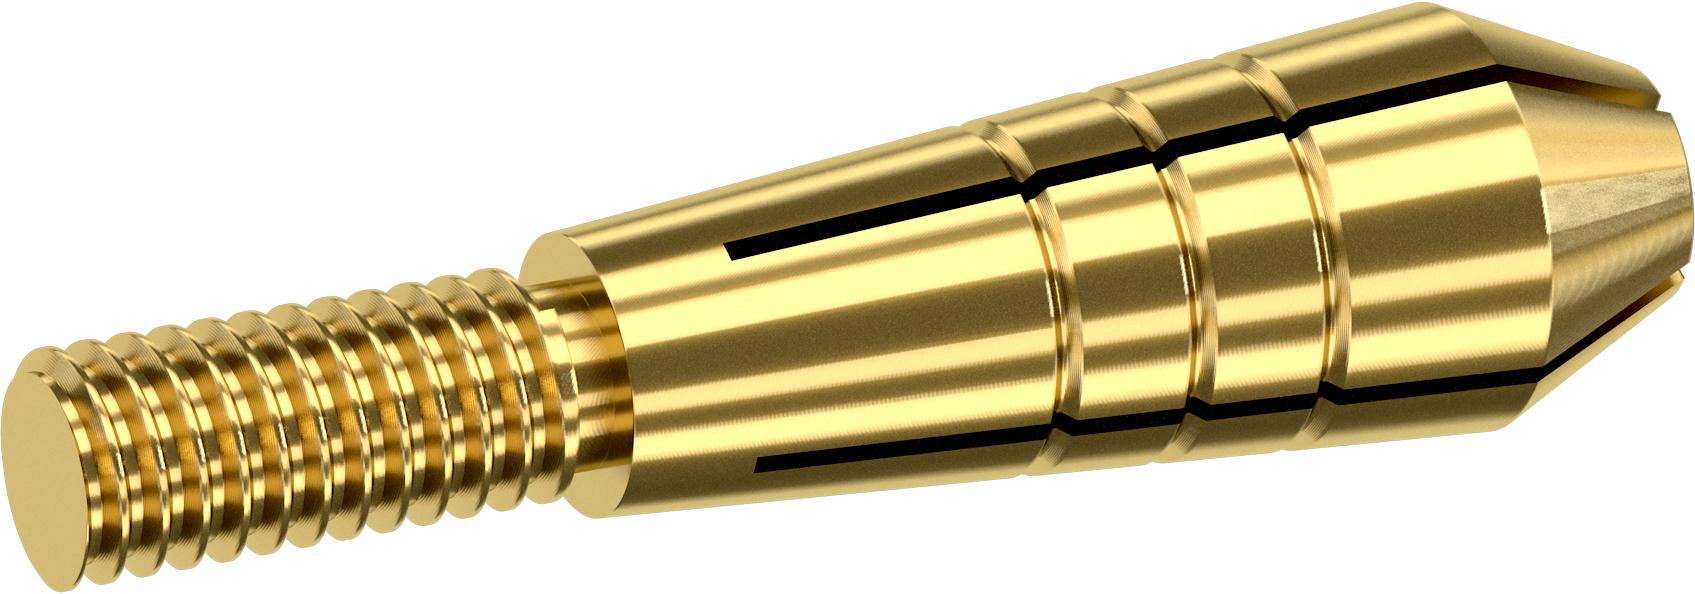 Target Darts Target Aluminium Gold Tops